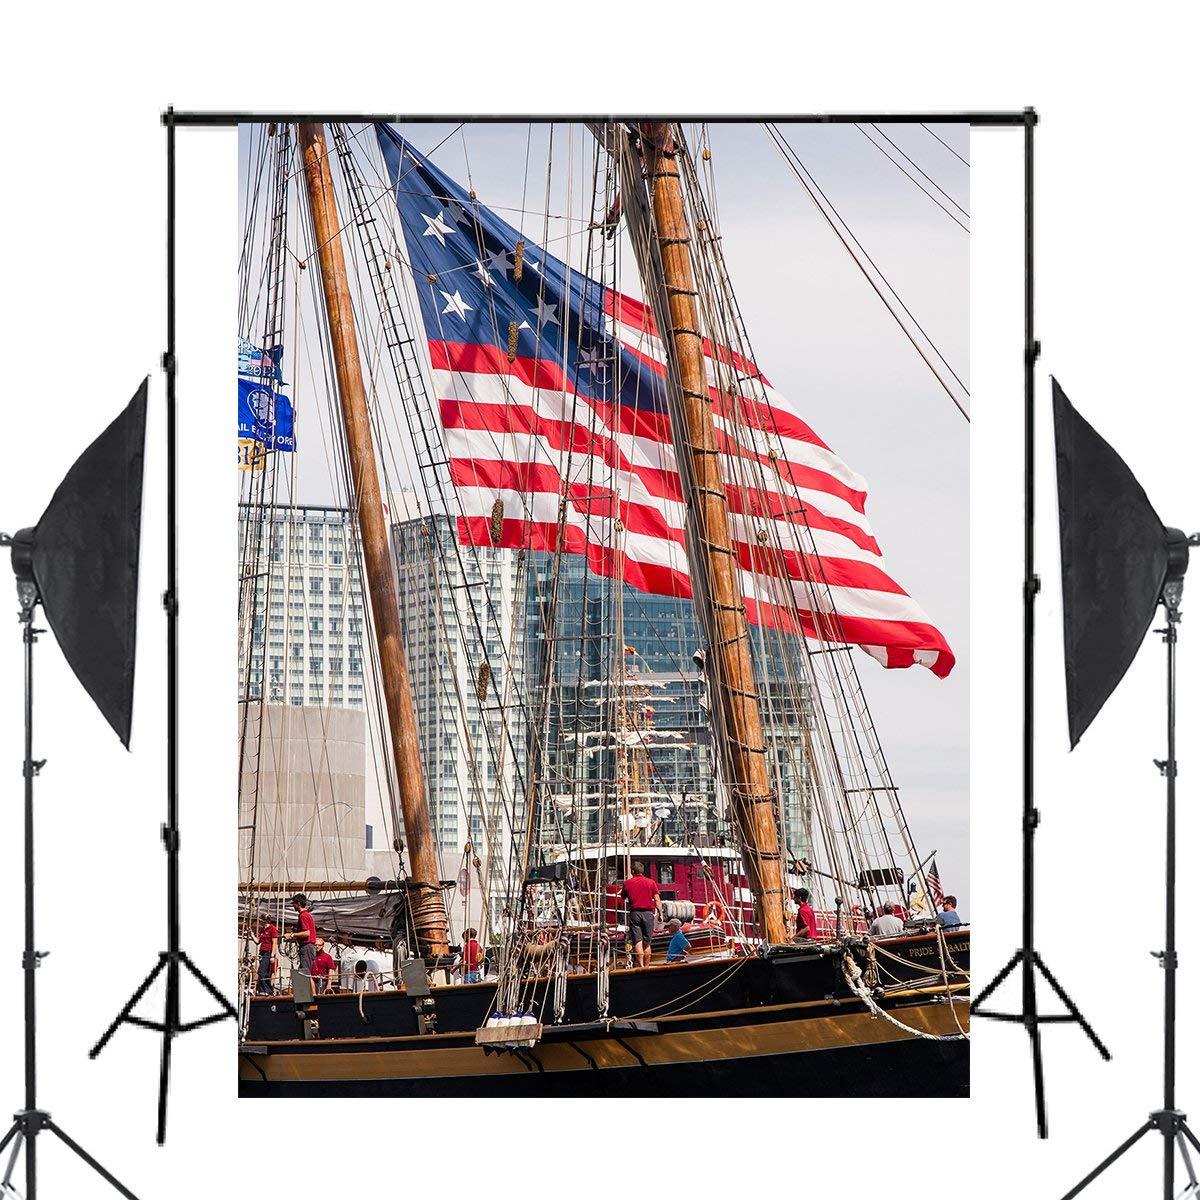 Image 2 - Высокий корабль фотографии реквизит для студии, фон стены реки воды фон 5x7ft-in Аксессуары для фотостудии from Бытовая электроника